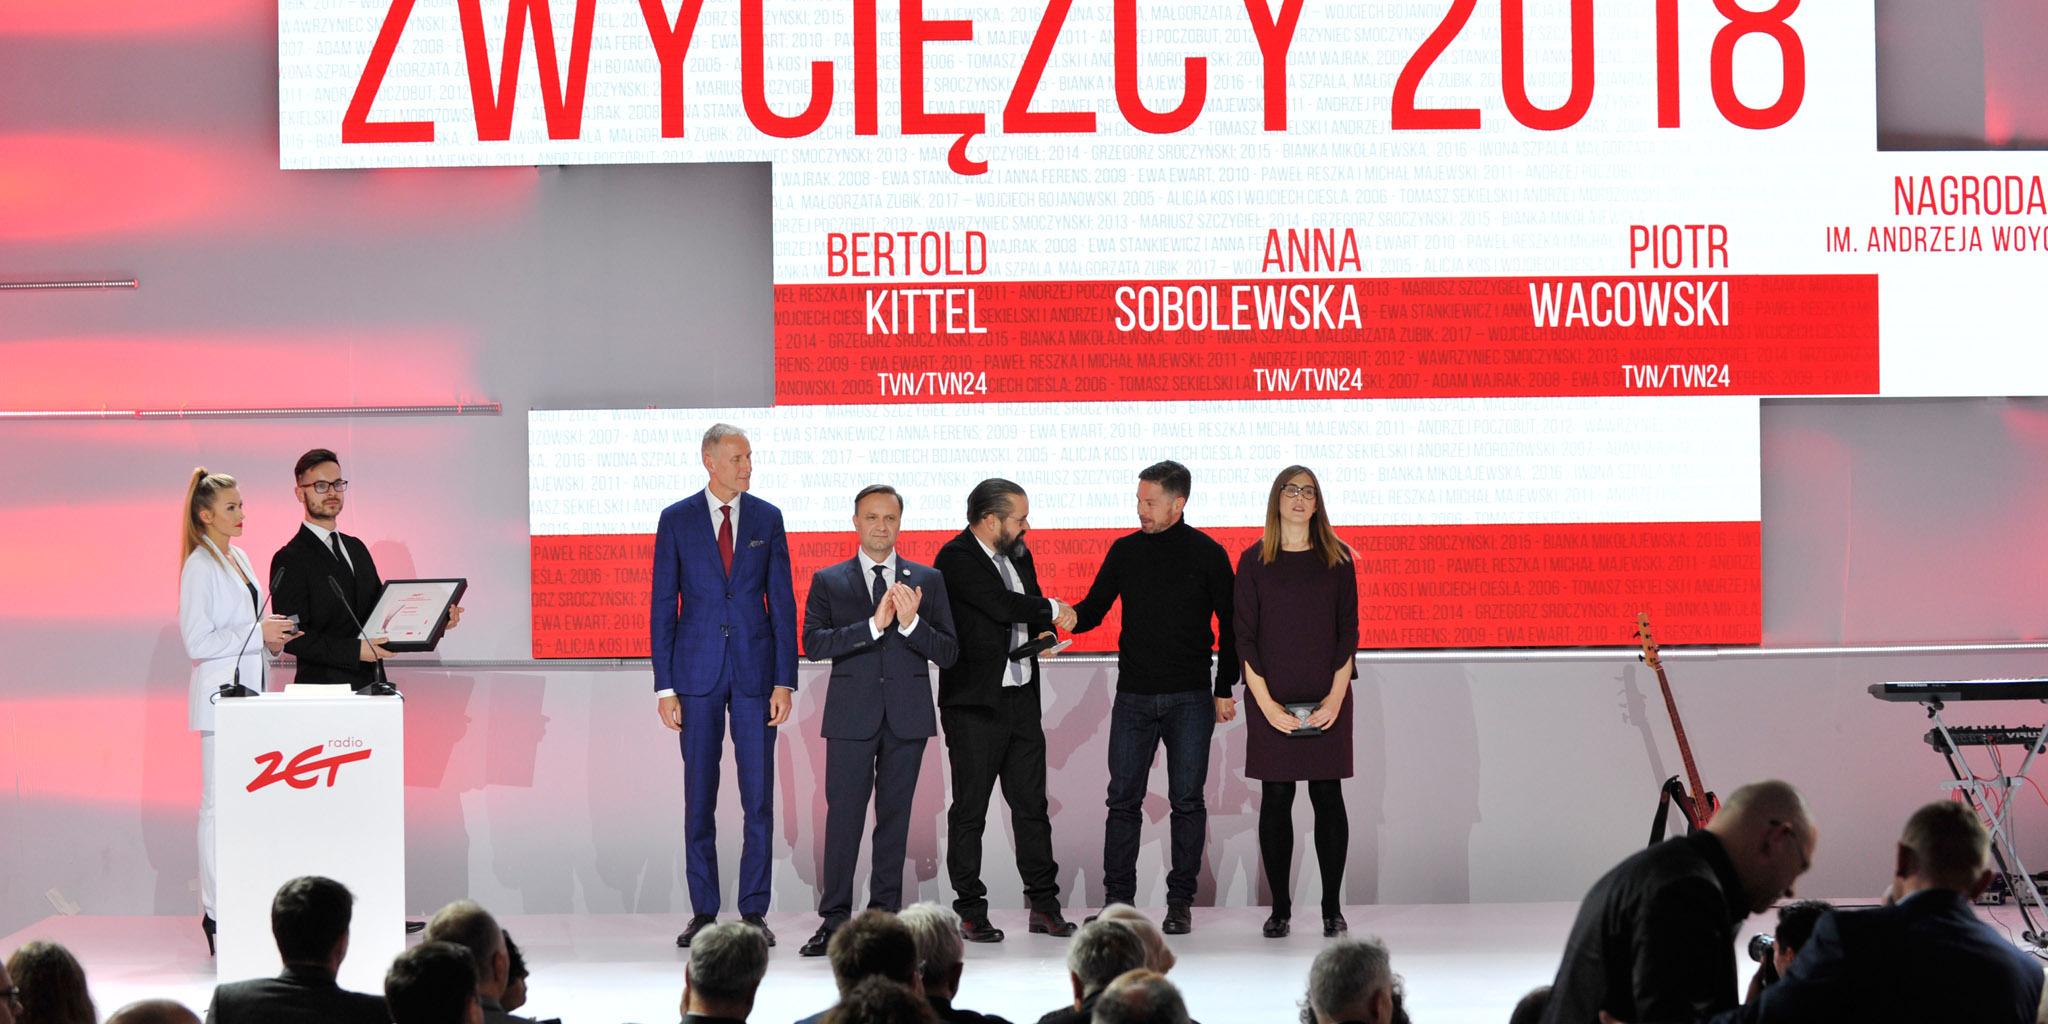 """Autorzy """"Polskich neonazistów"""" laureatami Nagrody Woyciechowskiego 2018"""